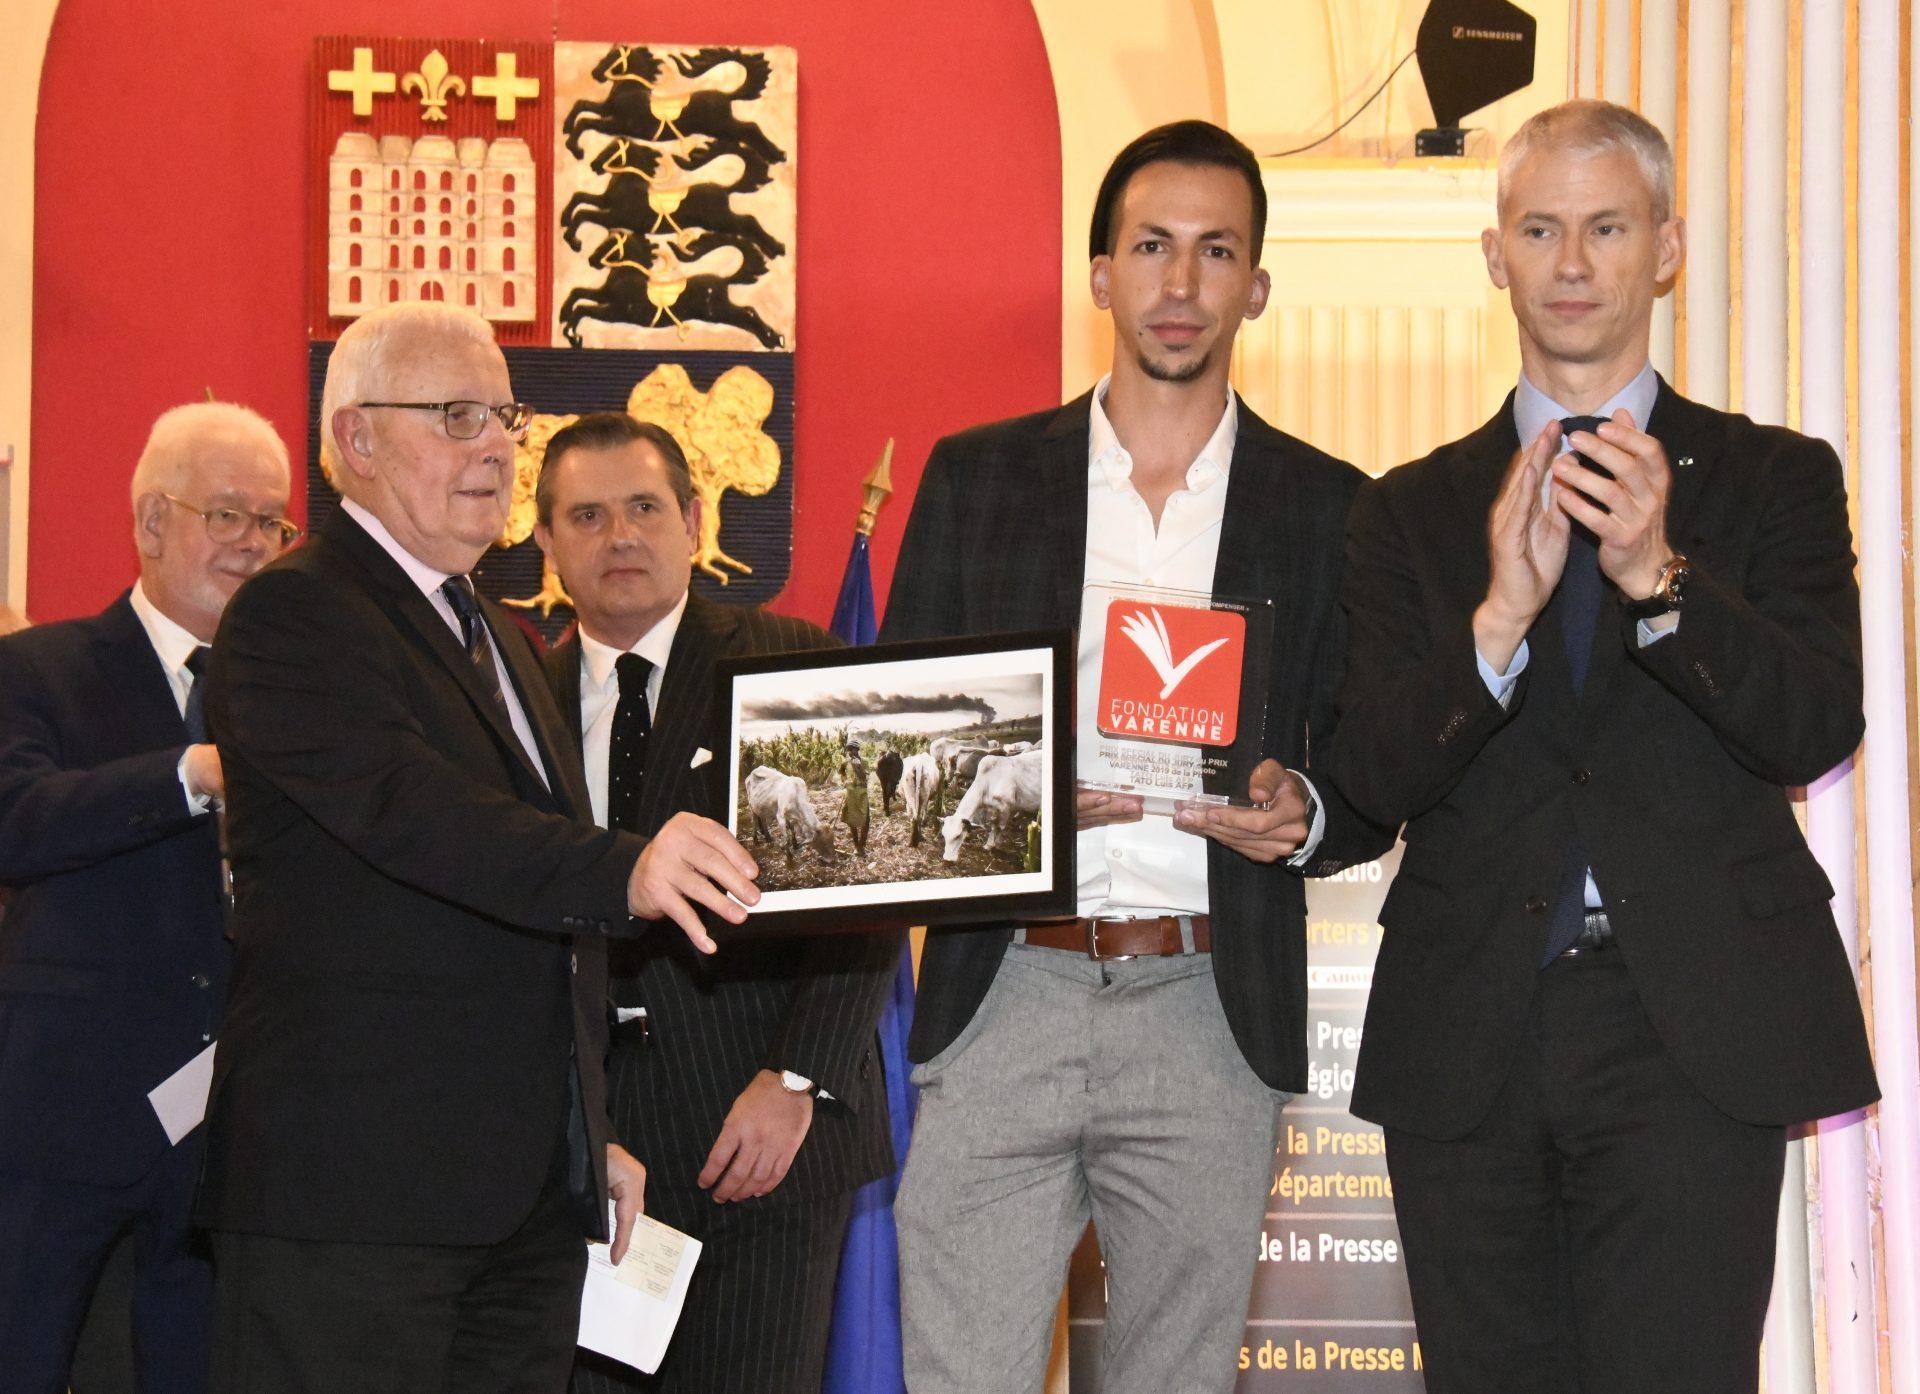 Prix spécial du jury à Luis TATO de l'AFP